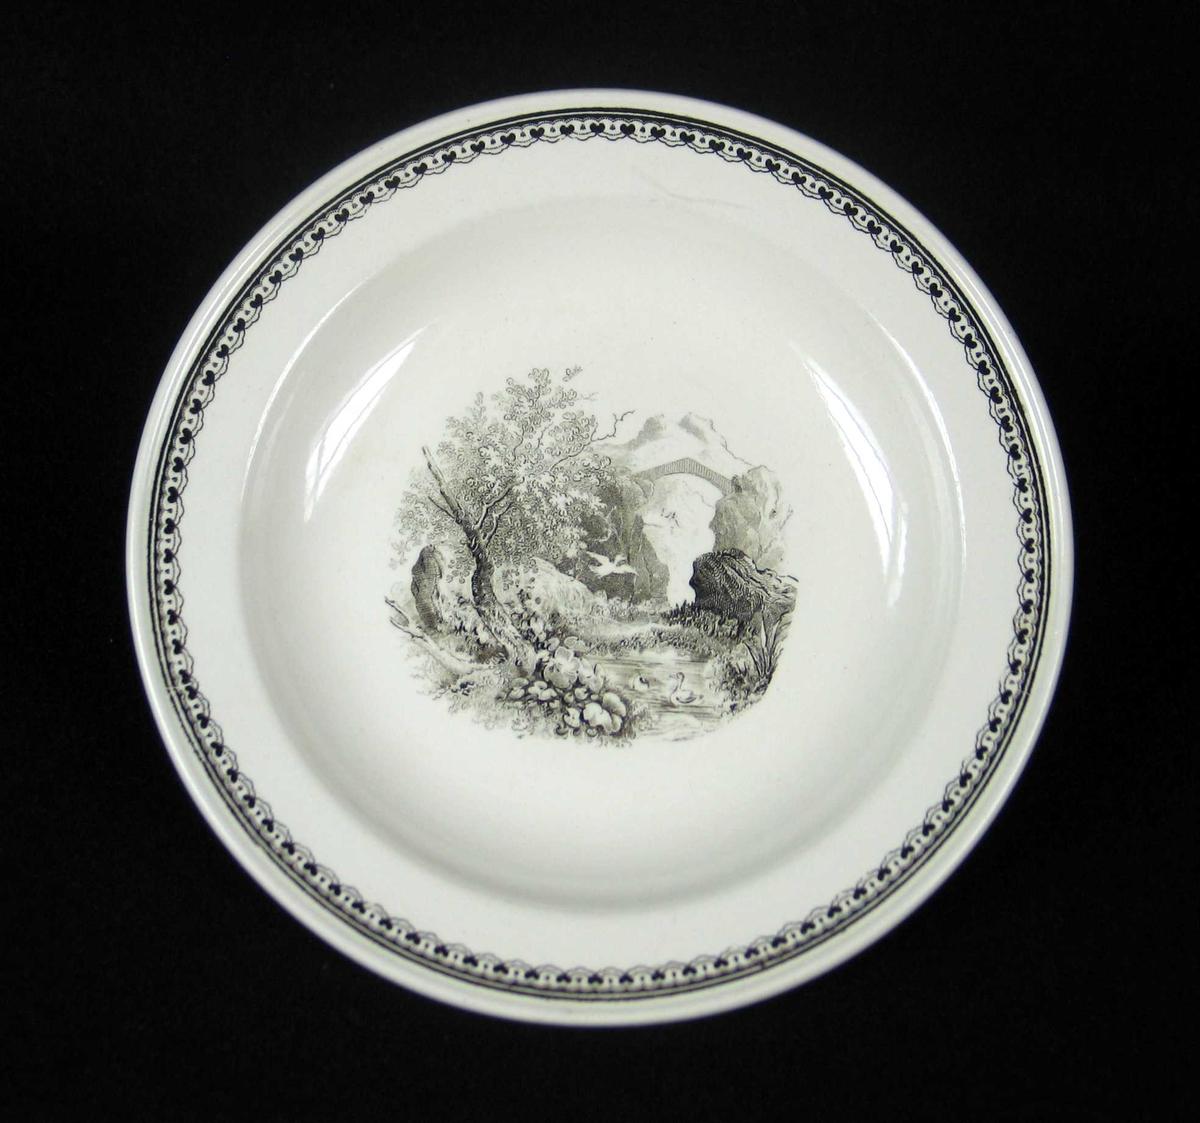 Desserttallerken i offwhite keramikk med sort dekor.